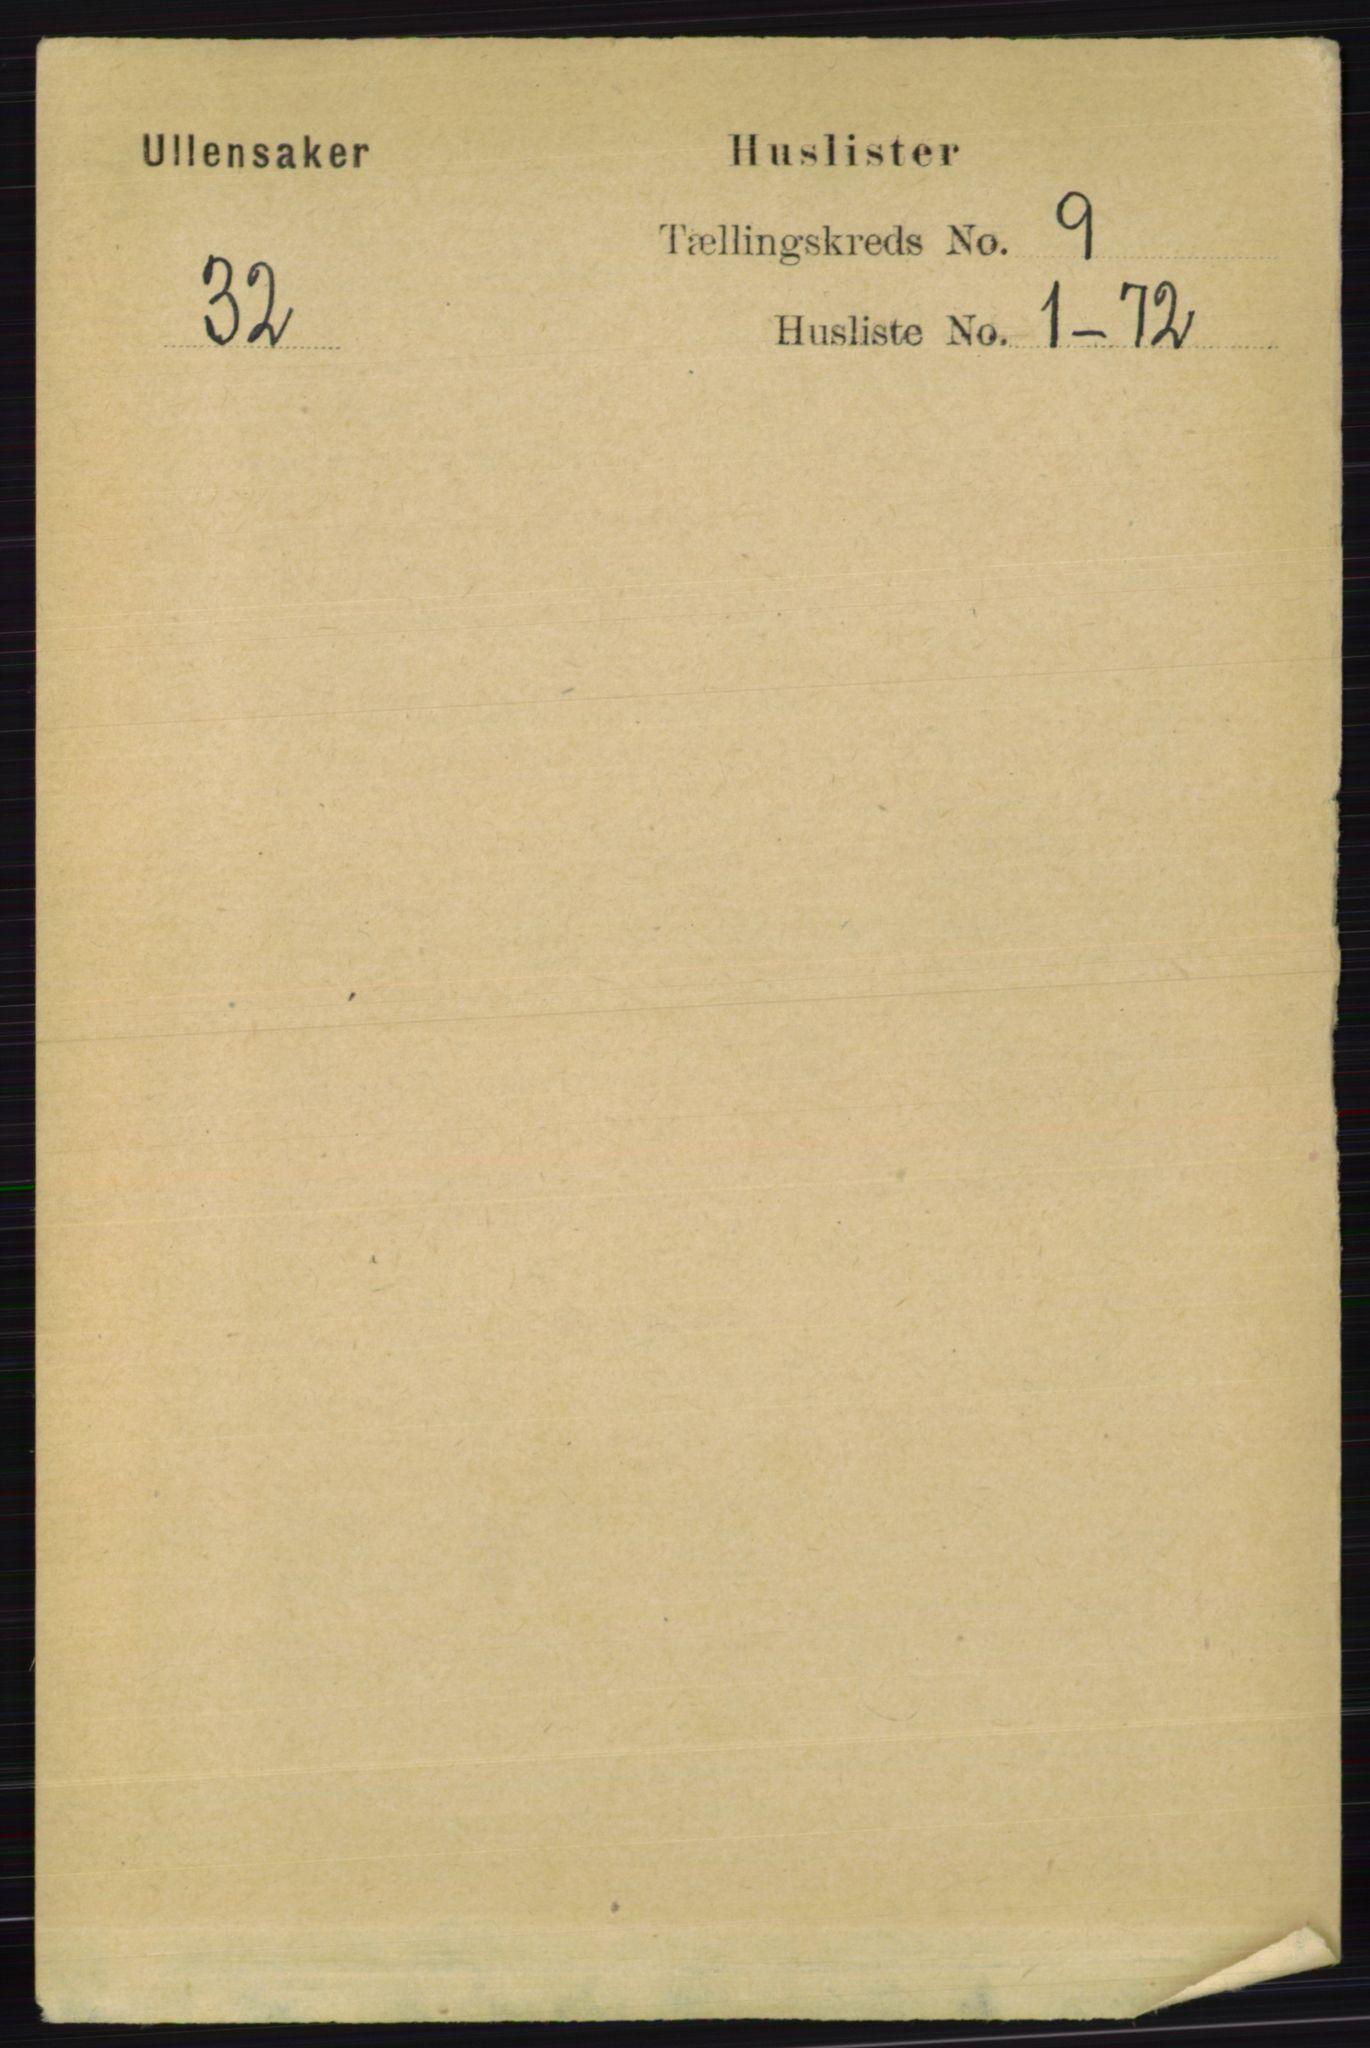 RA, Folketelling 1891 for 0235 Ullensaker herred, 1891, s. 3965